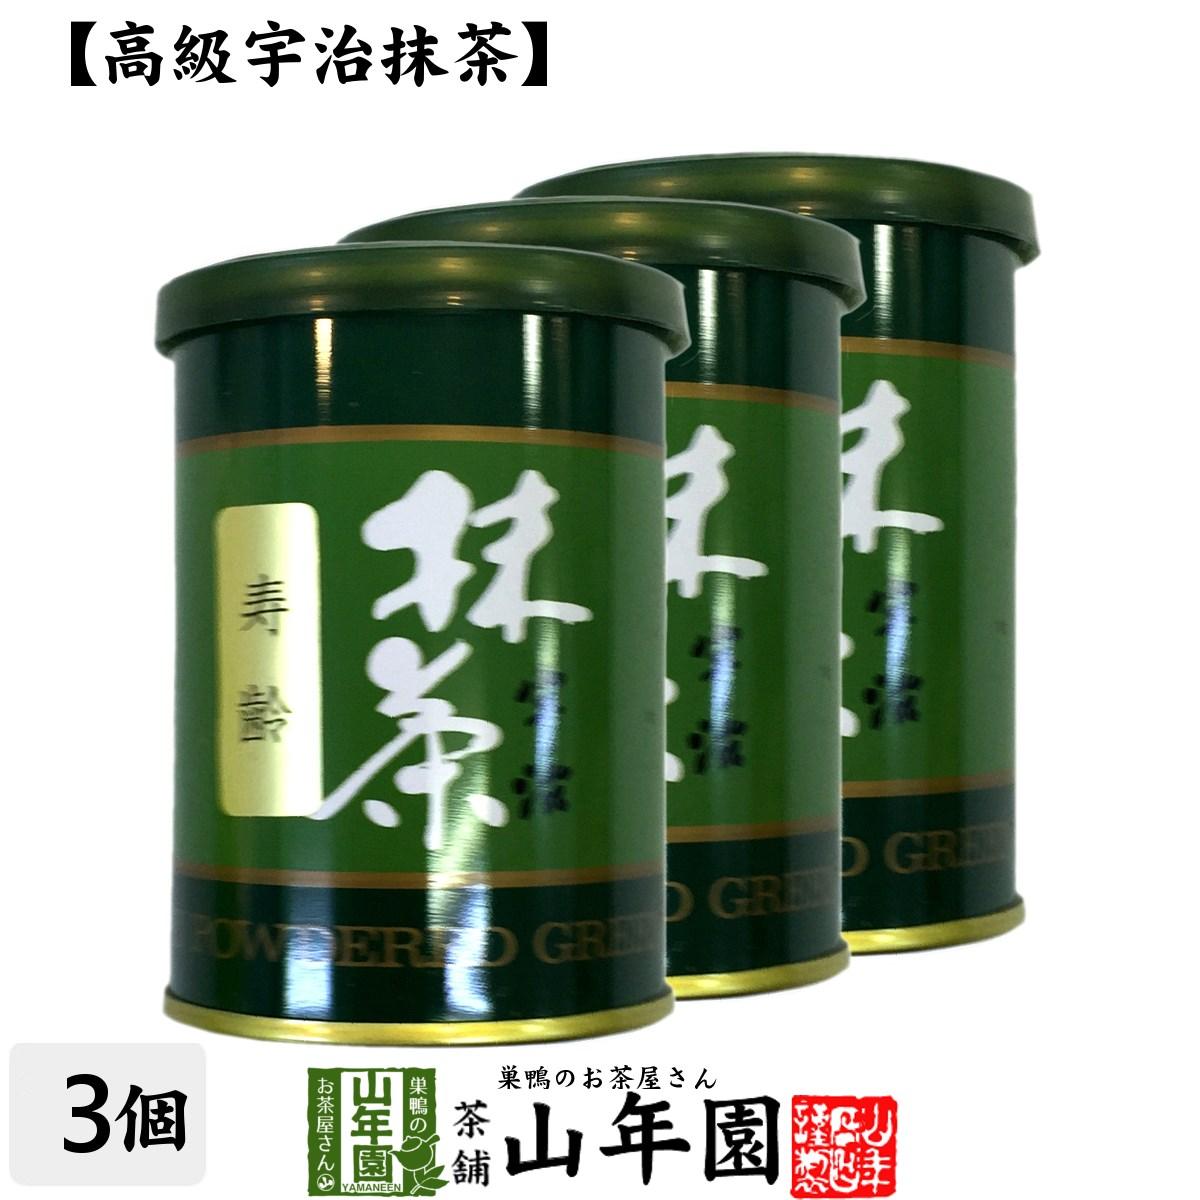 茶葉・ティーバッグ, 日本茶  40g3 2020